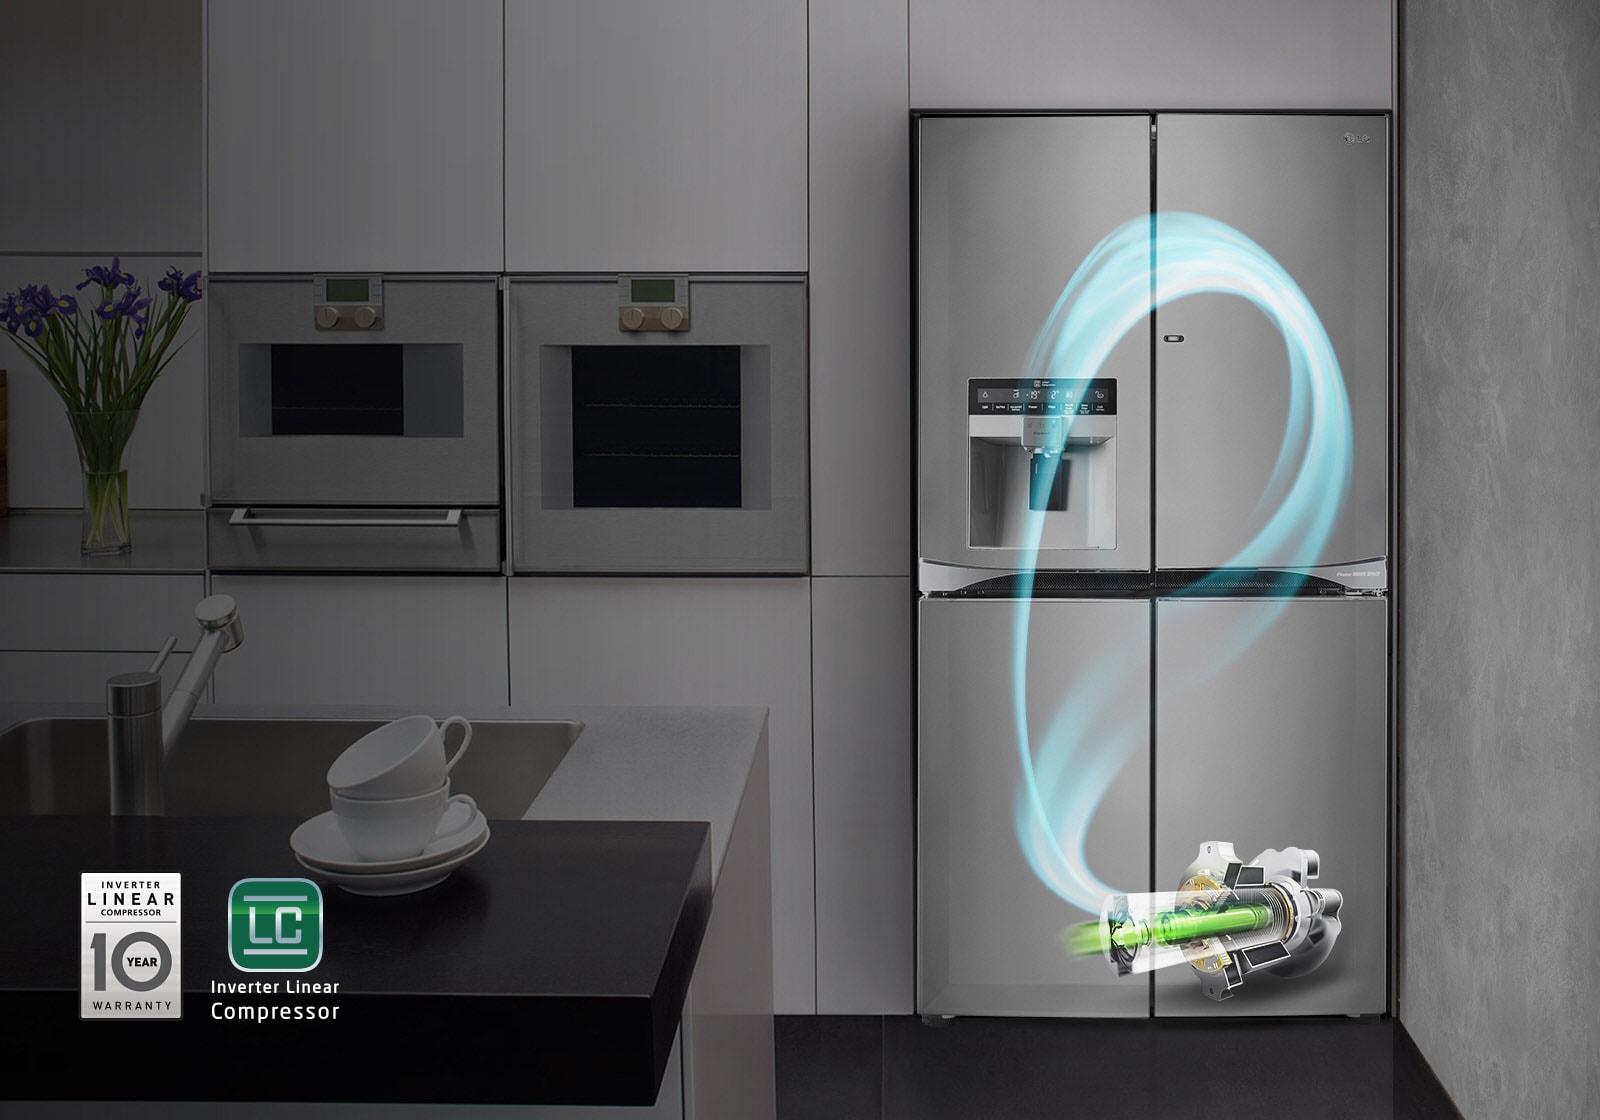 ตู้เย็น side by side ประหยัดพลังงาน